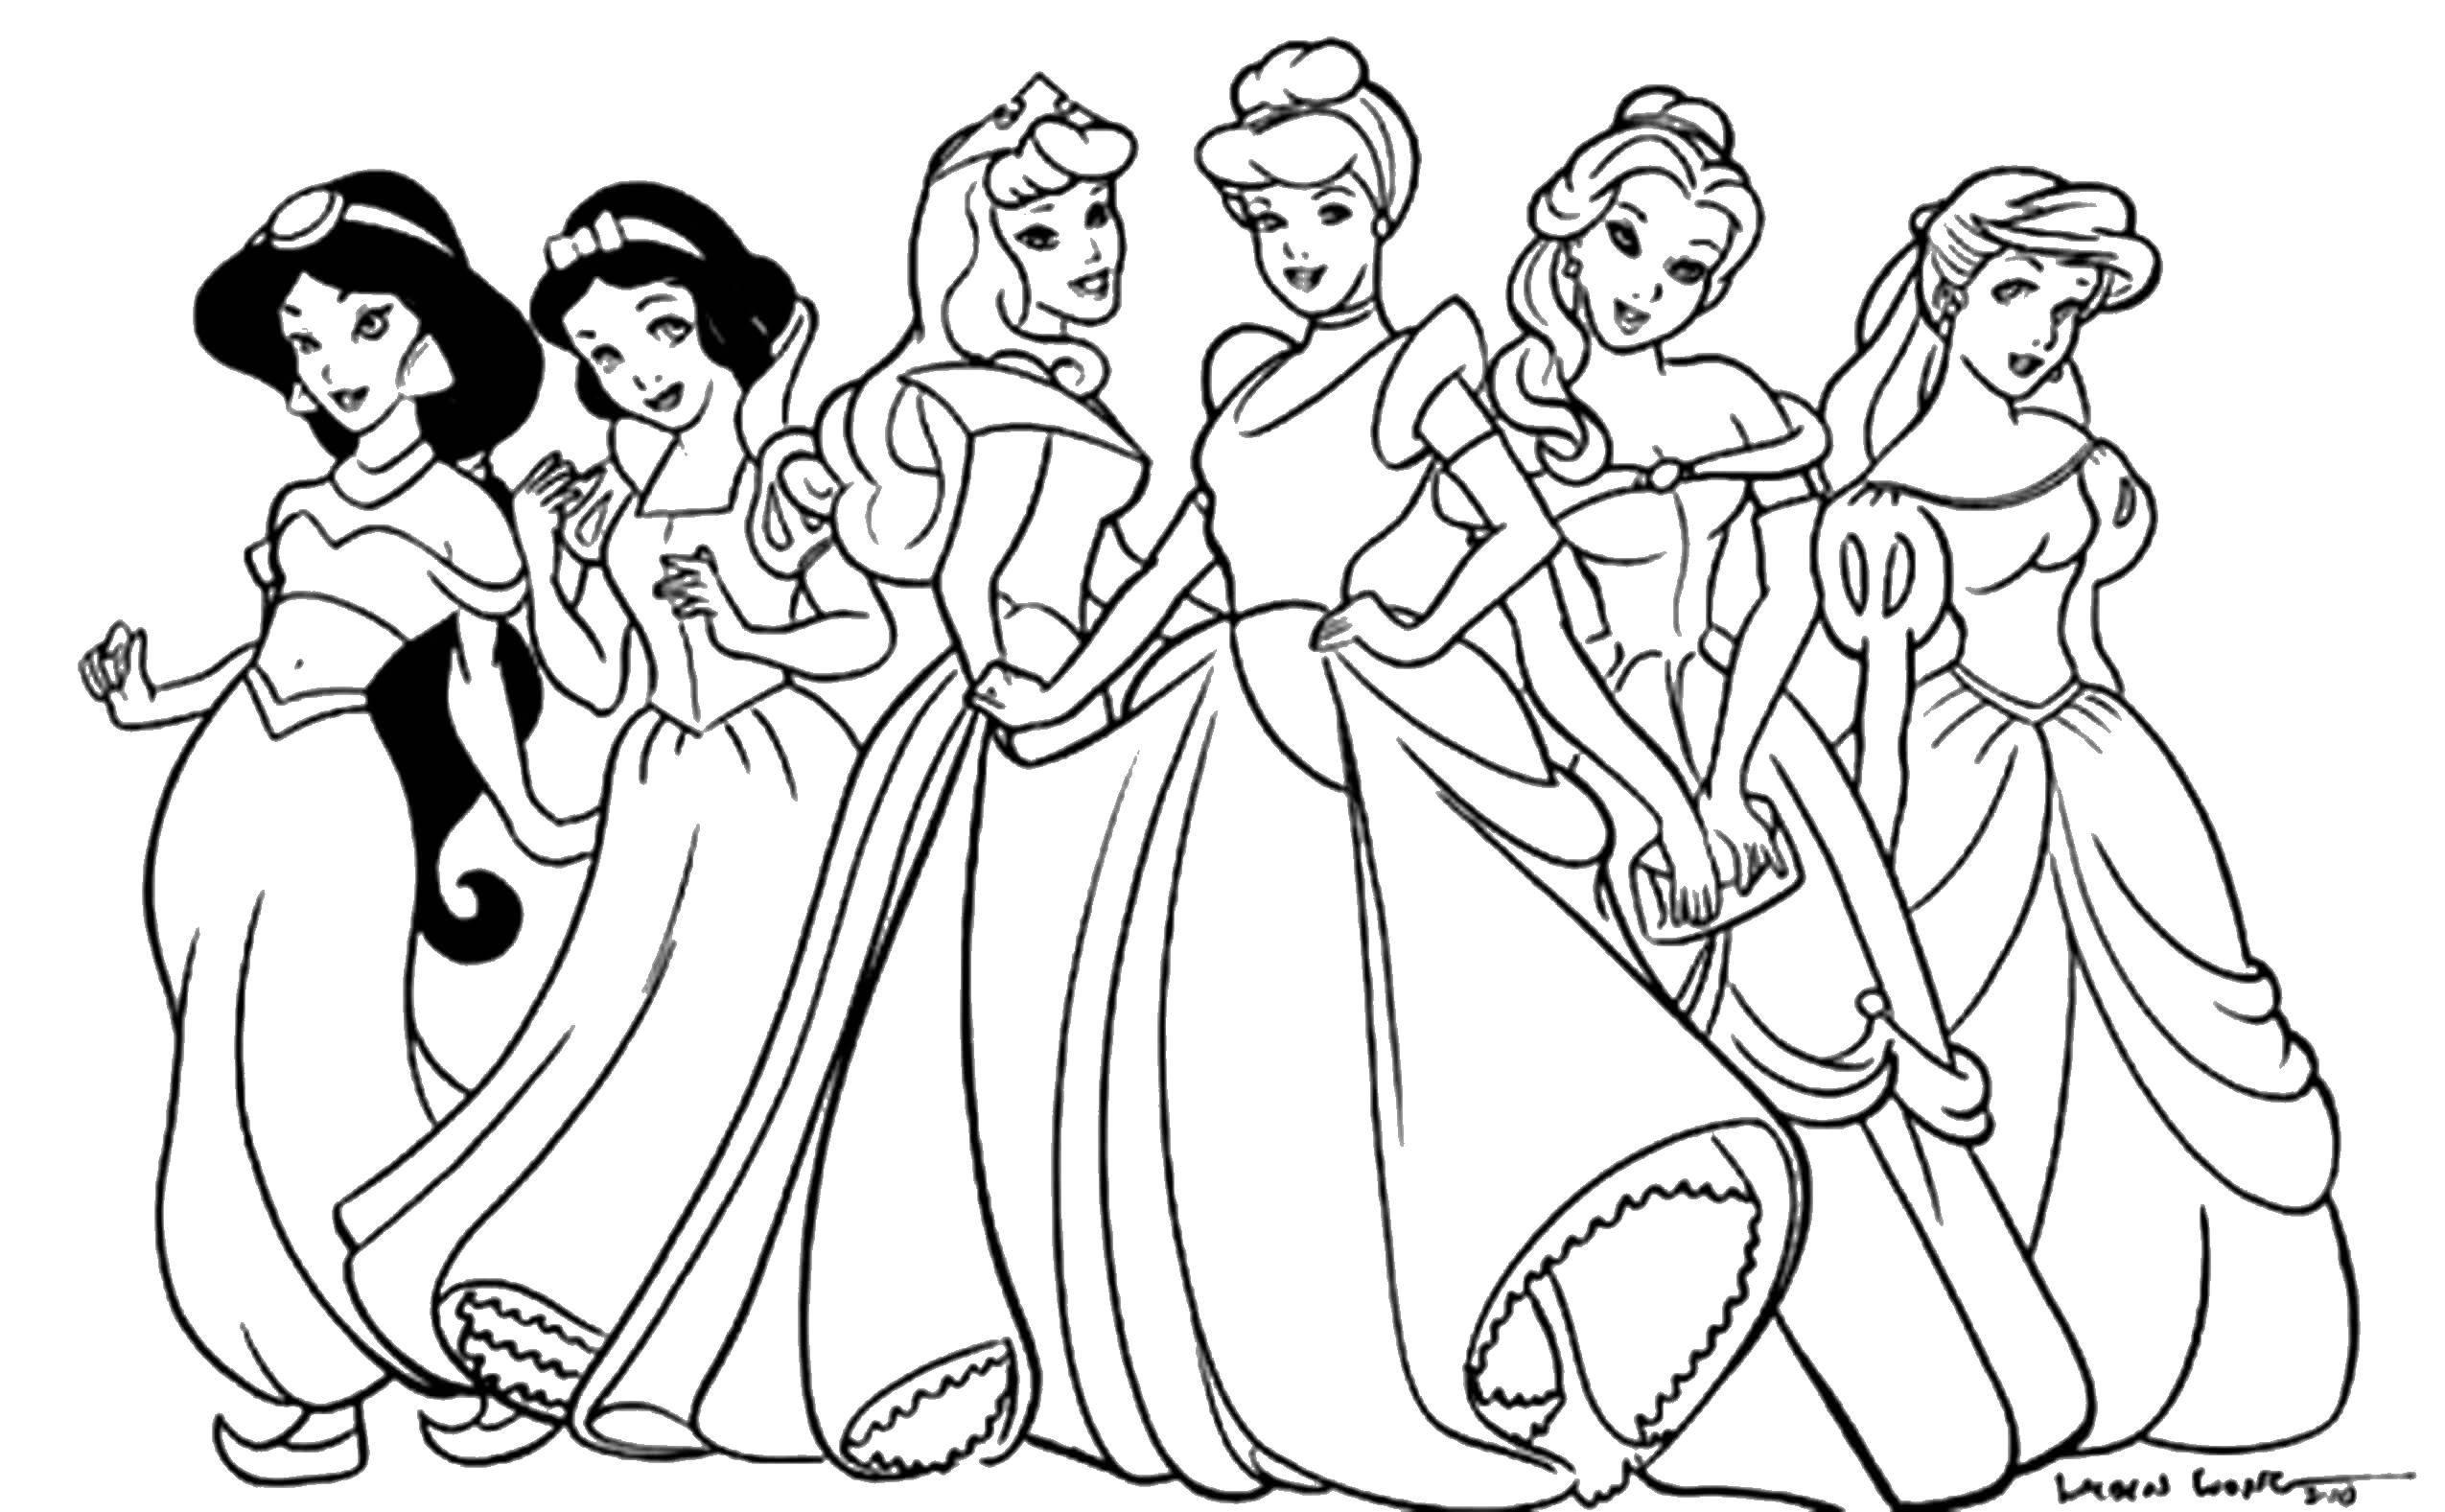 Раскраска Диснеевские принцессы Скачать Дисней, принцесса.  Распечатать ,Диснеевские раскраски,